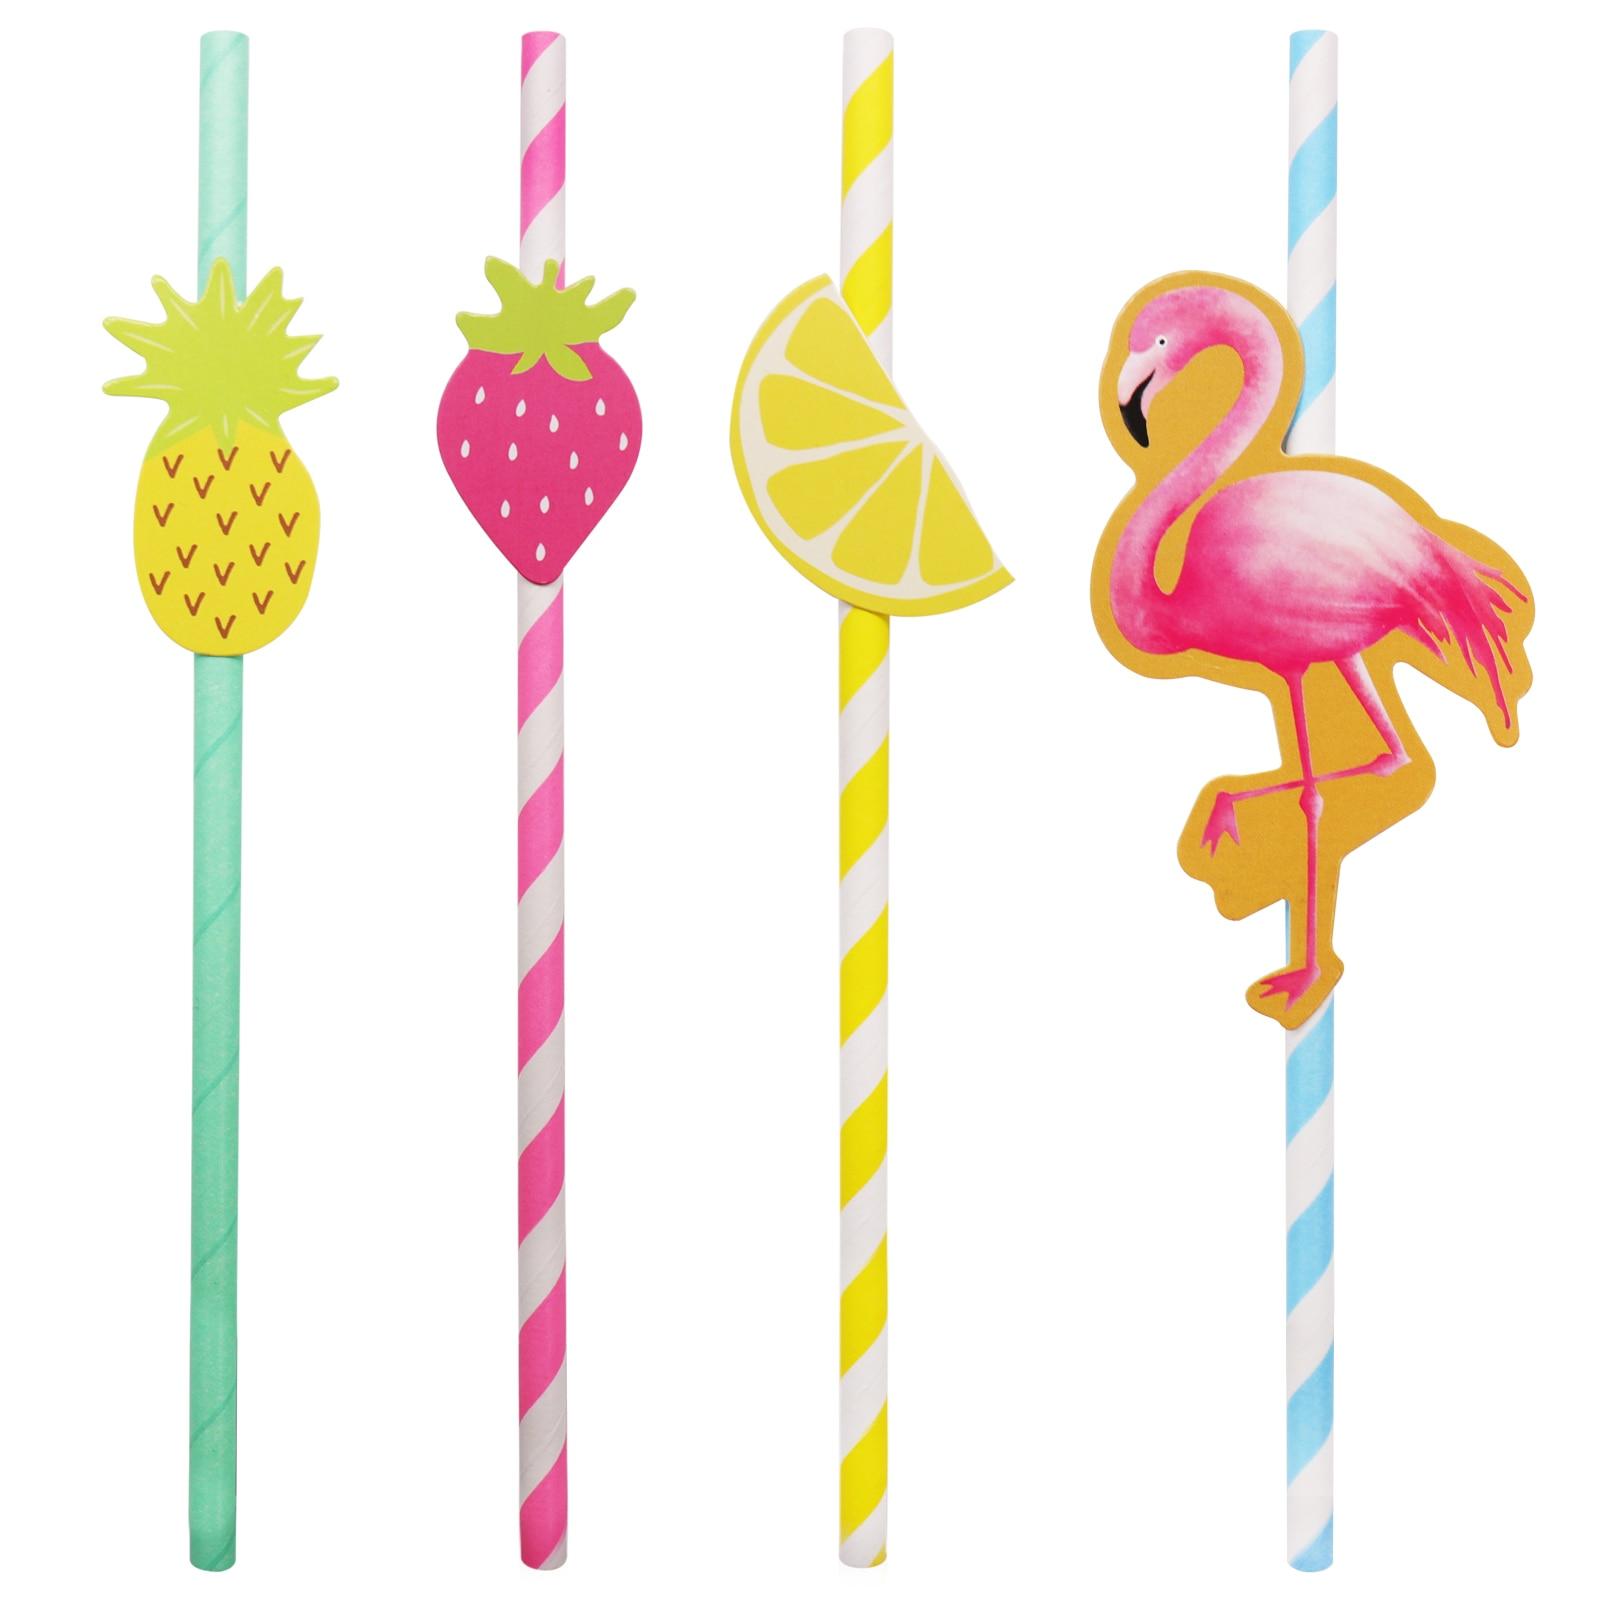 10 teile/beutel Einweg papier stroh hochzeit flamingo,lemon, erdbeere, ananas trinken stroh geburtstag party einweg geschirr